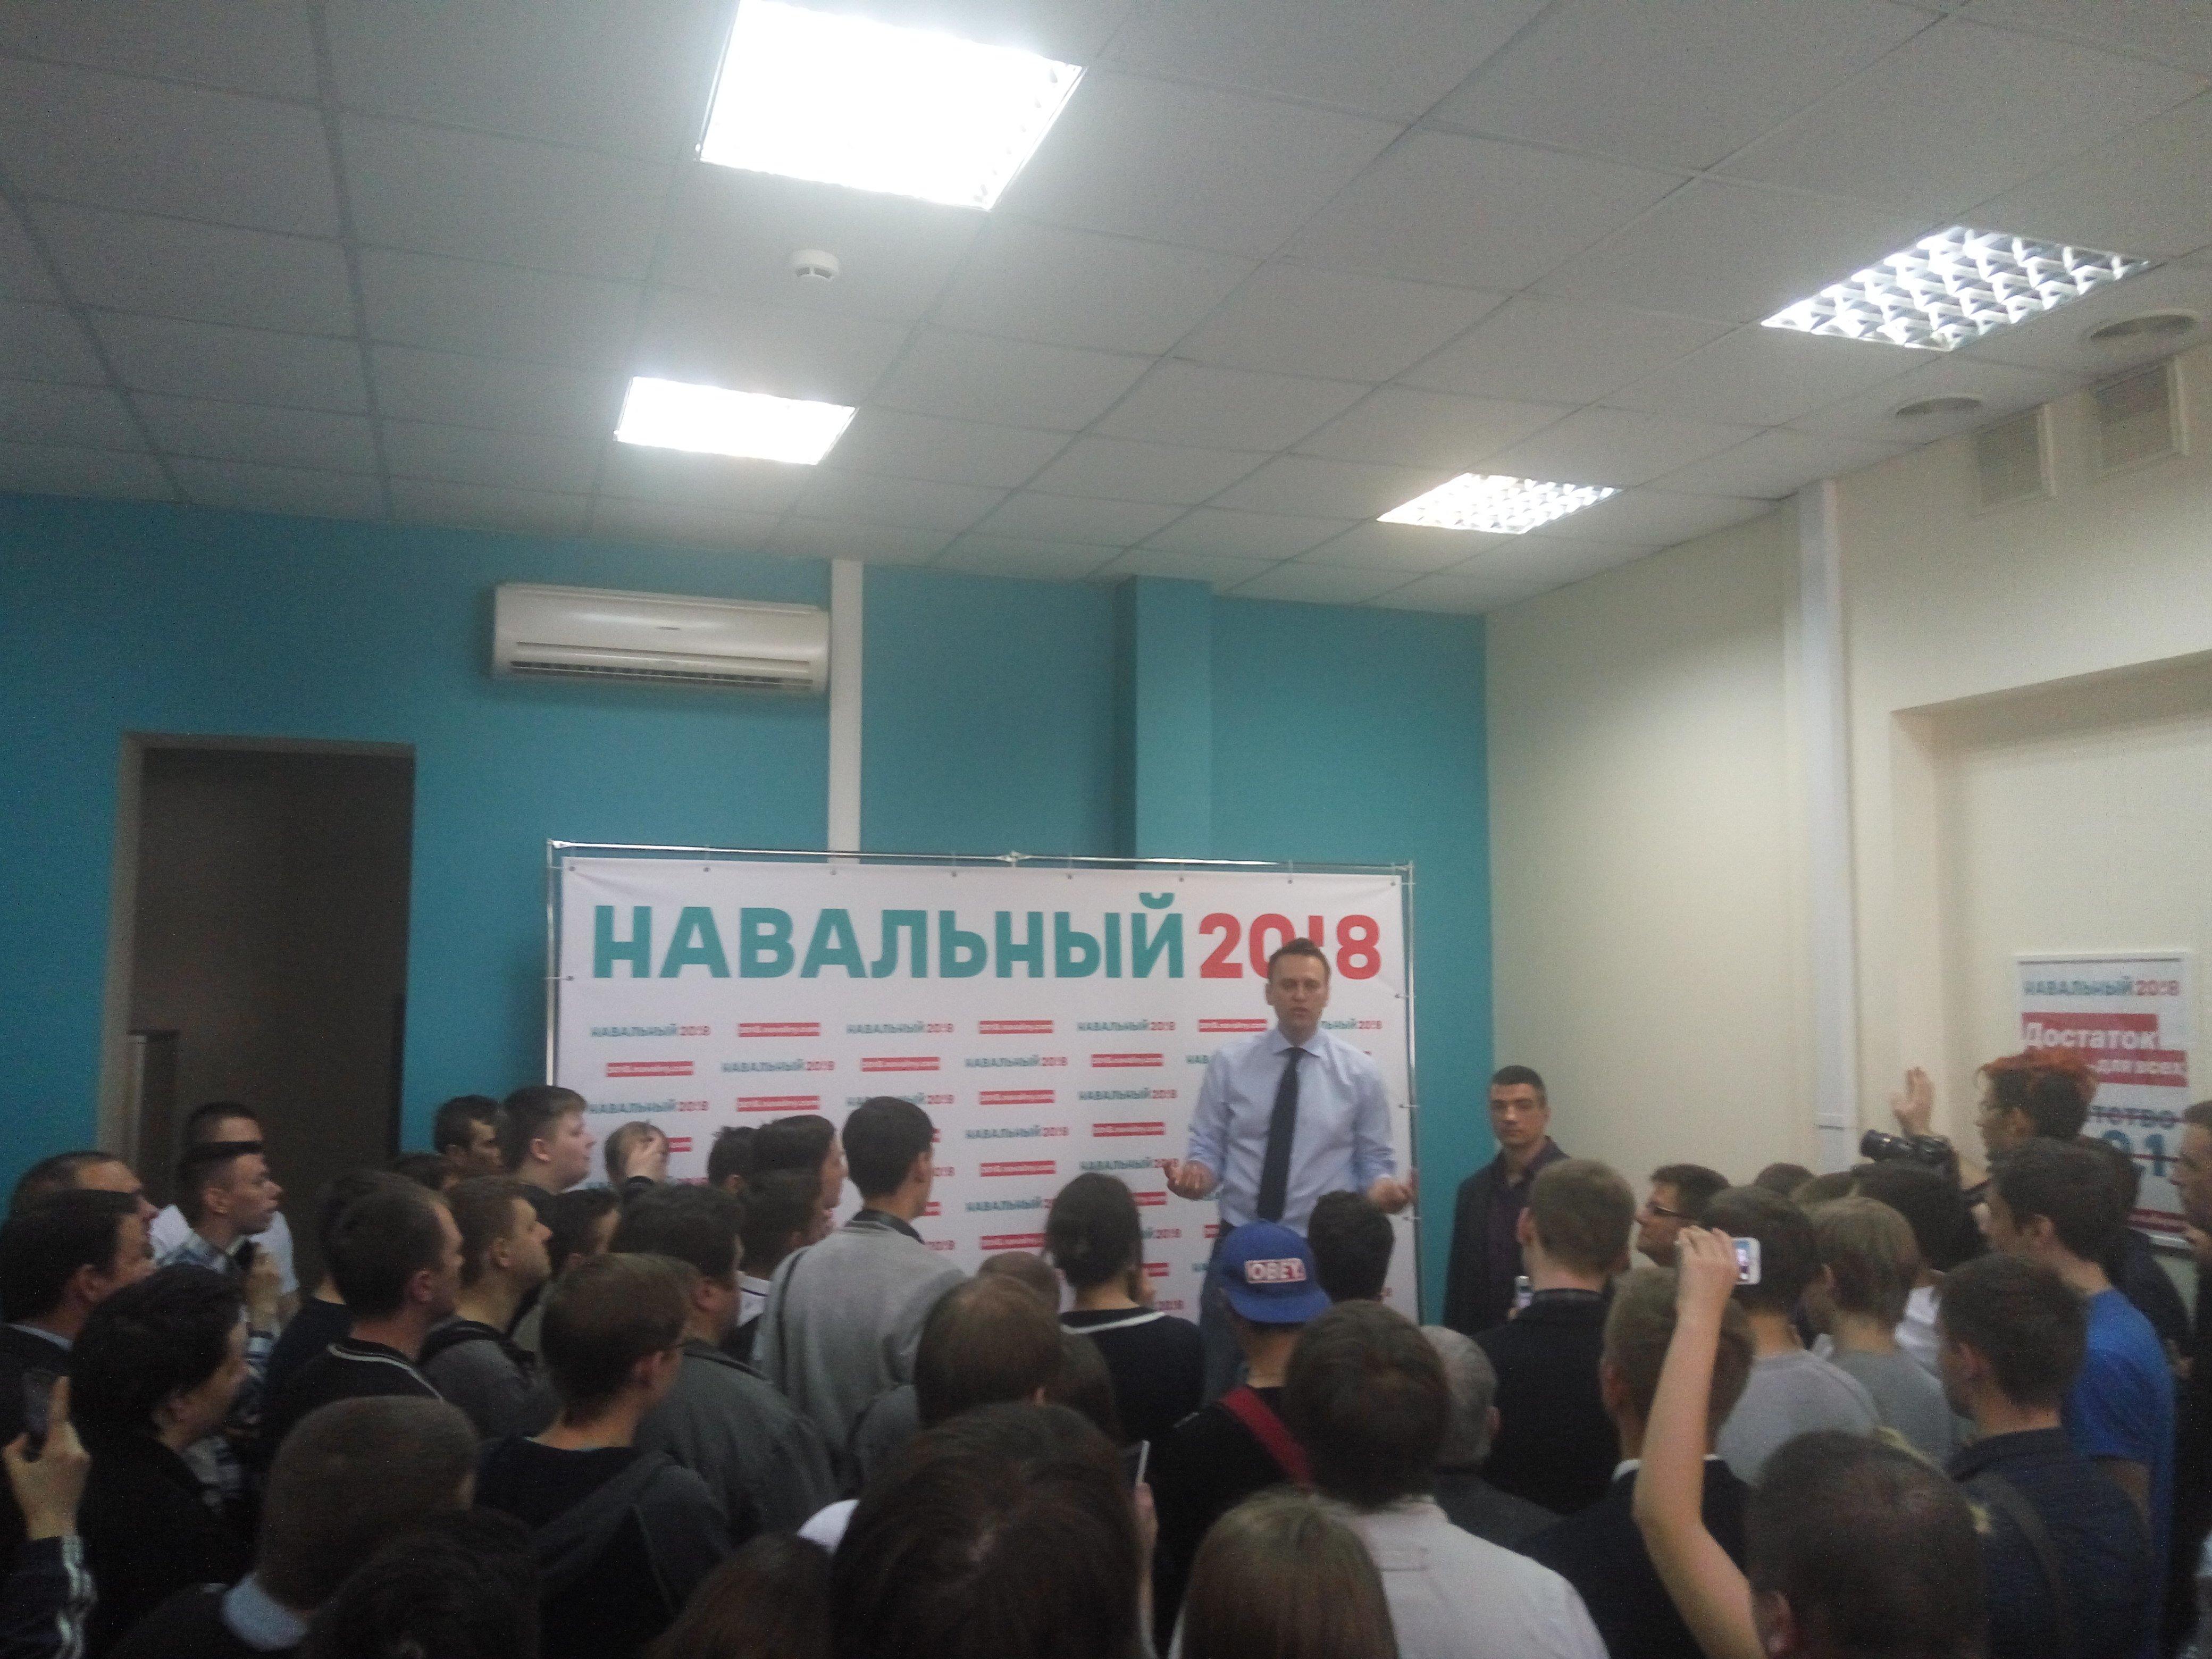 В столице России открылся предвыборный штаб Навального